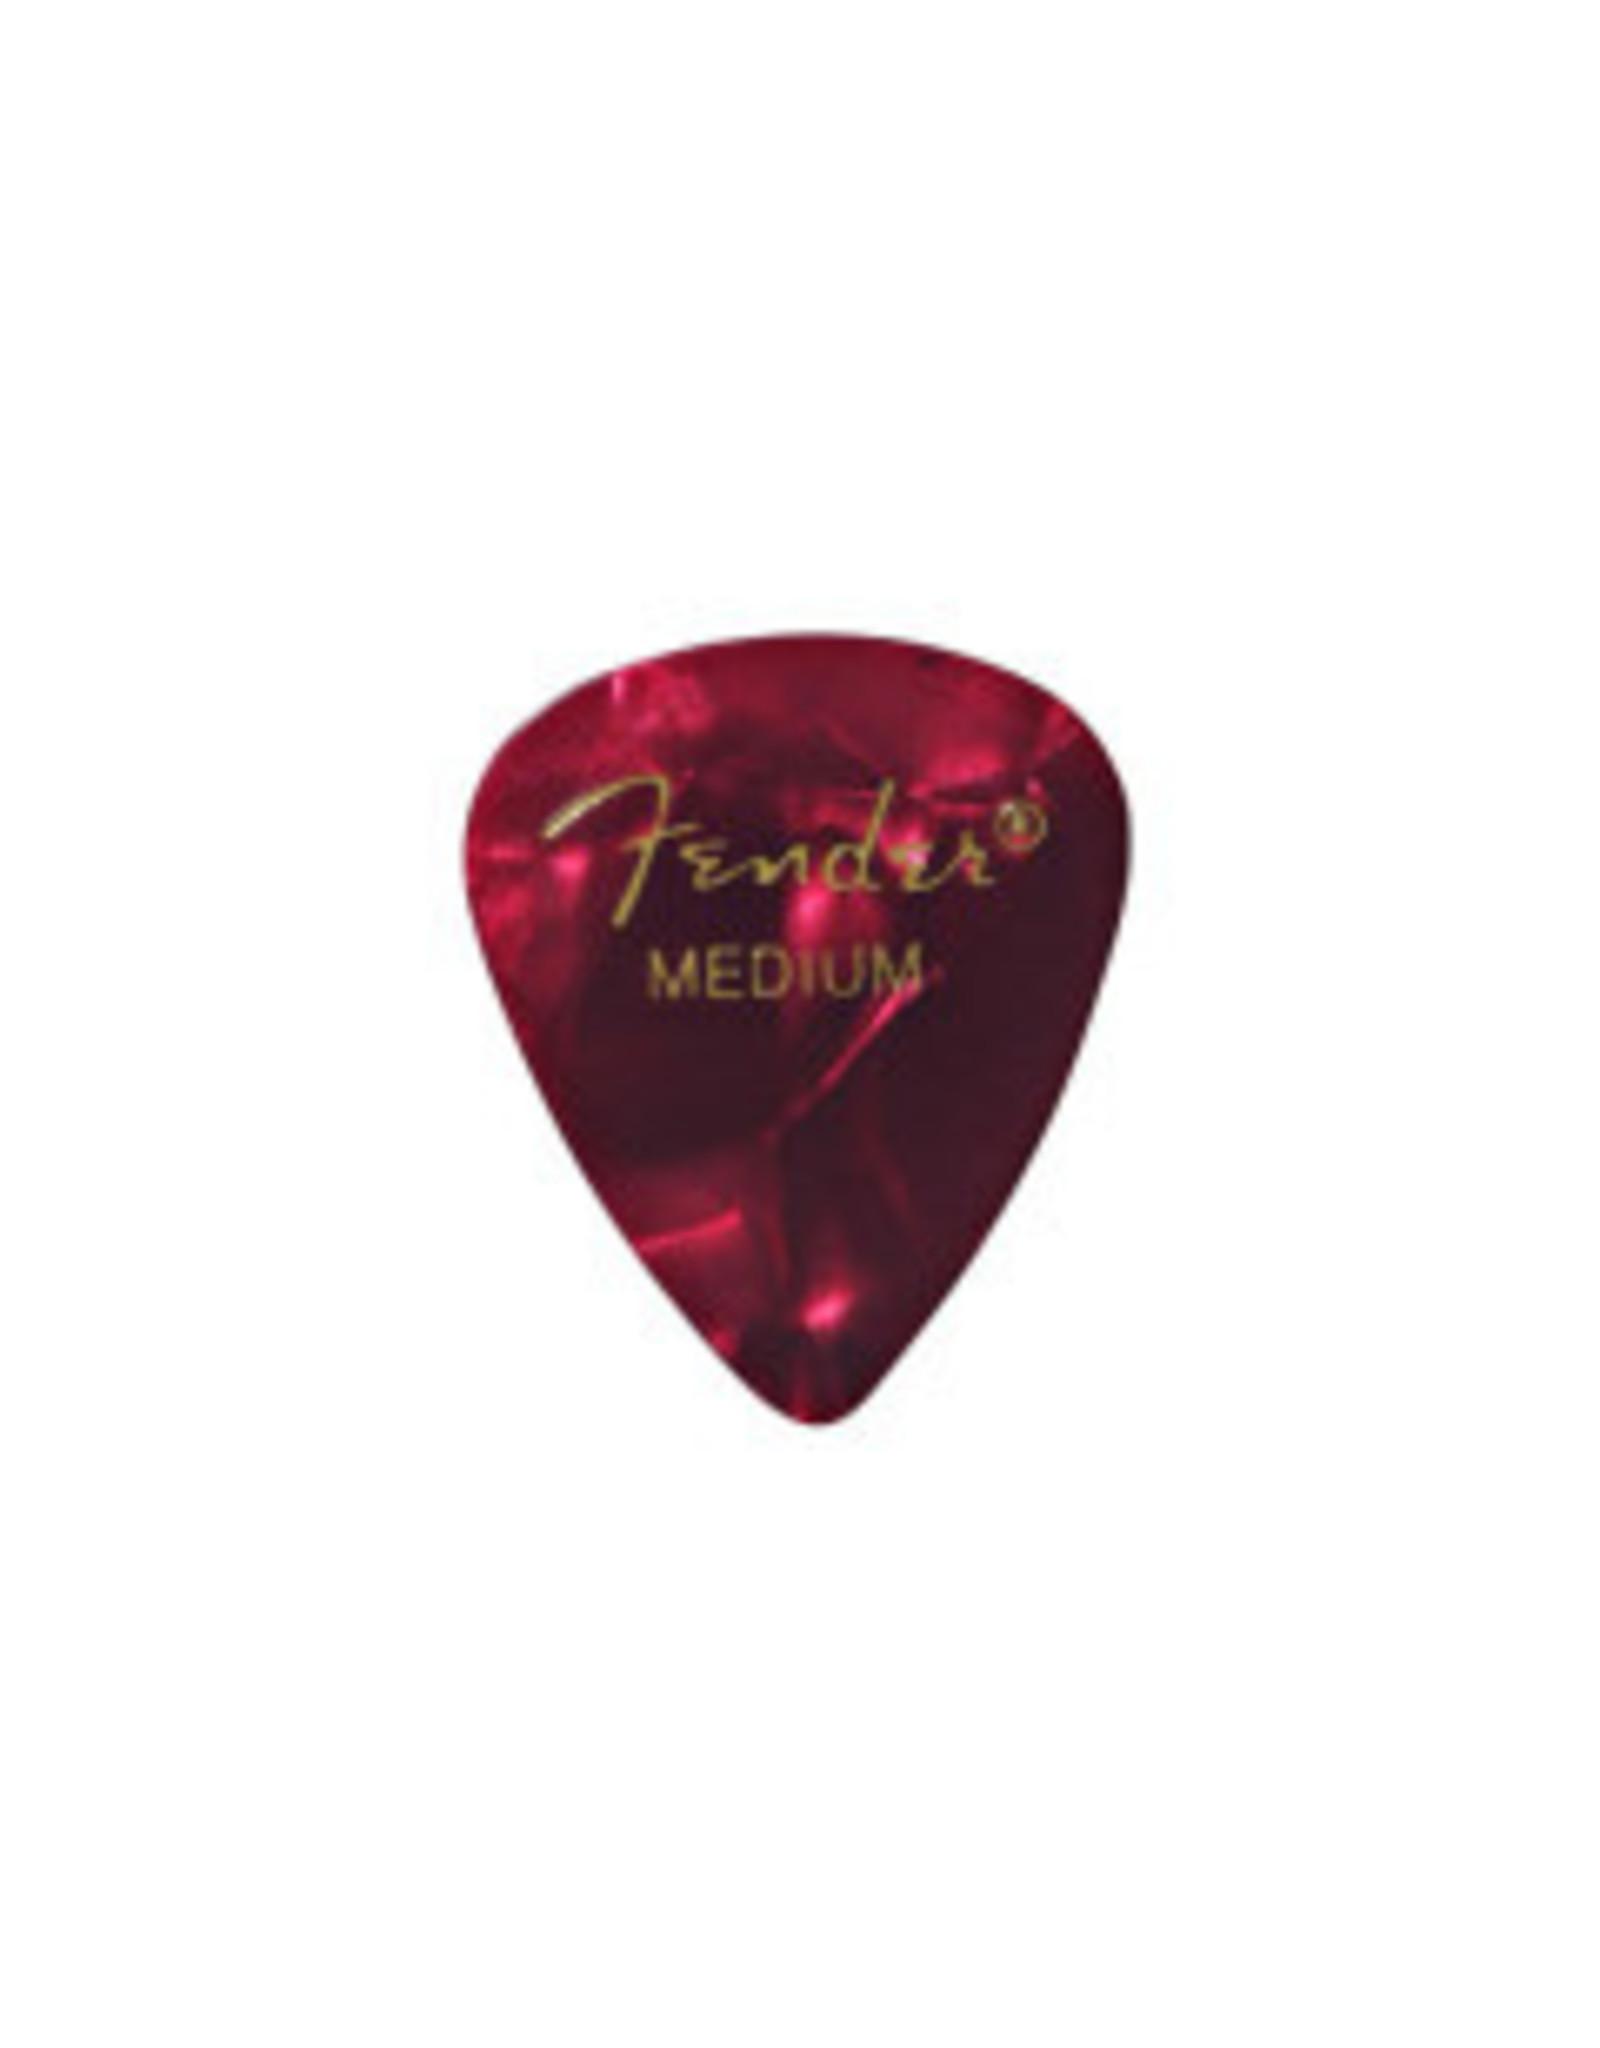 Fender Fender Medium Pick 12-Pack 351